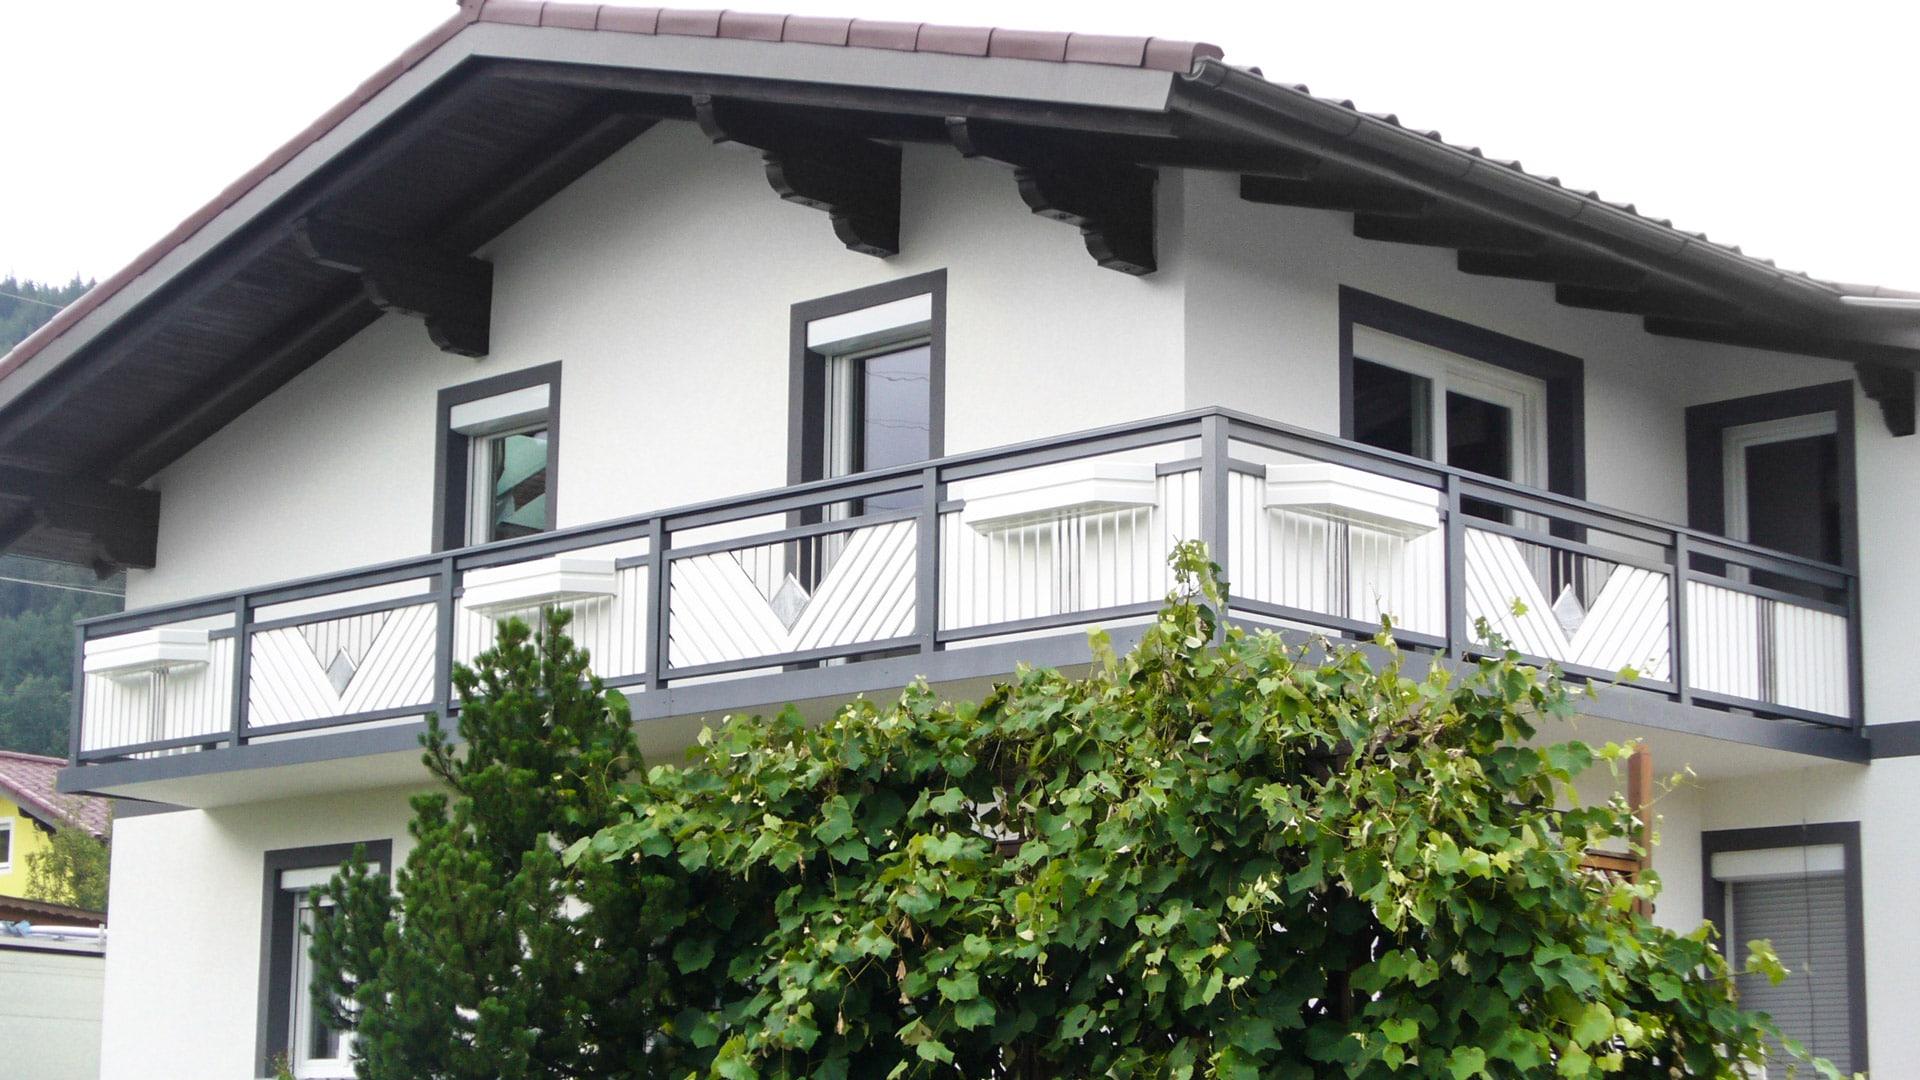 Saalfelden 04 a | grau-weißer Balkon mit Edelstahl Dreieck mit Stäben und Stein gefüllt | Svoboda